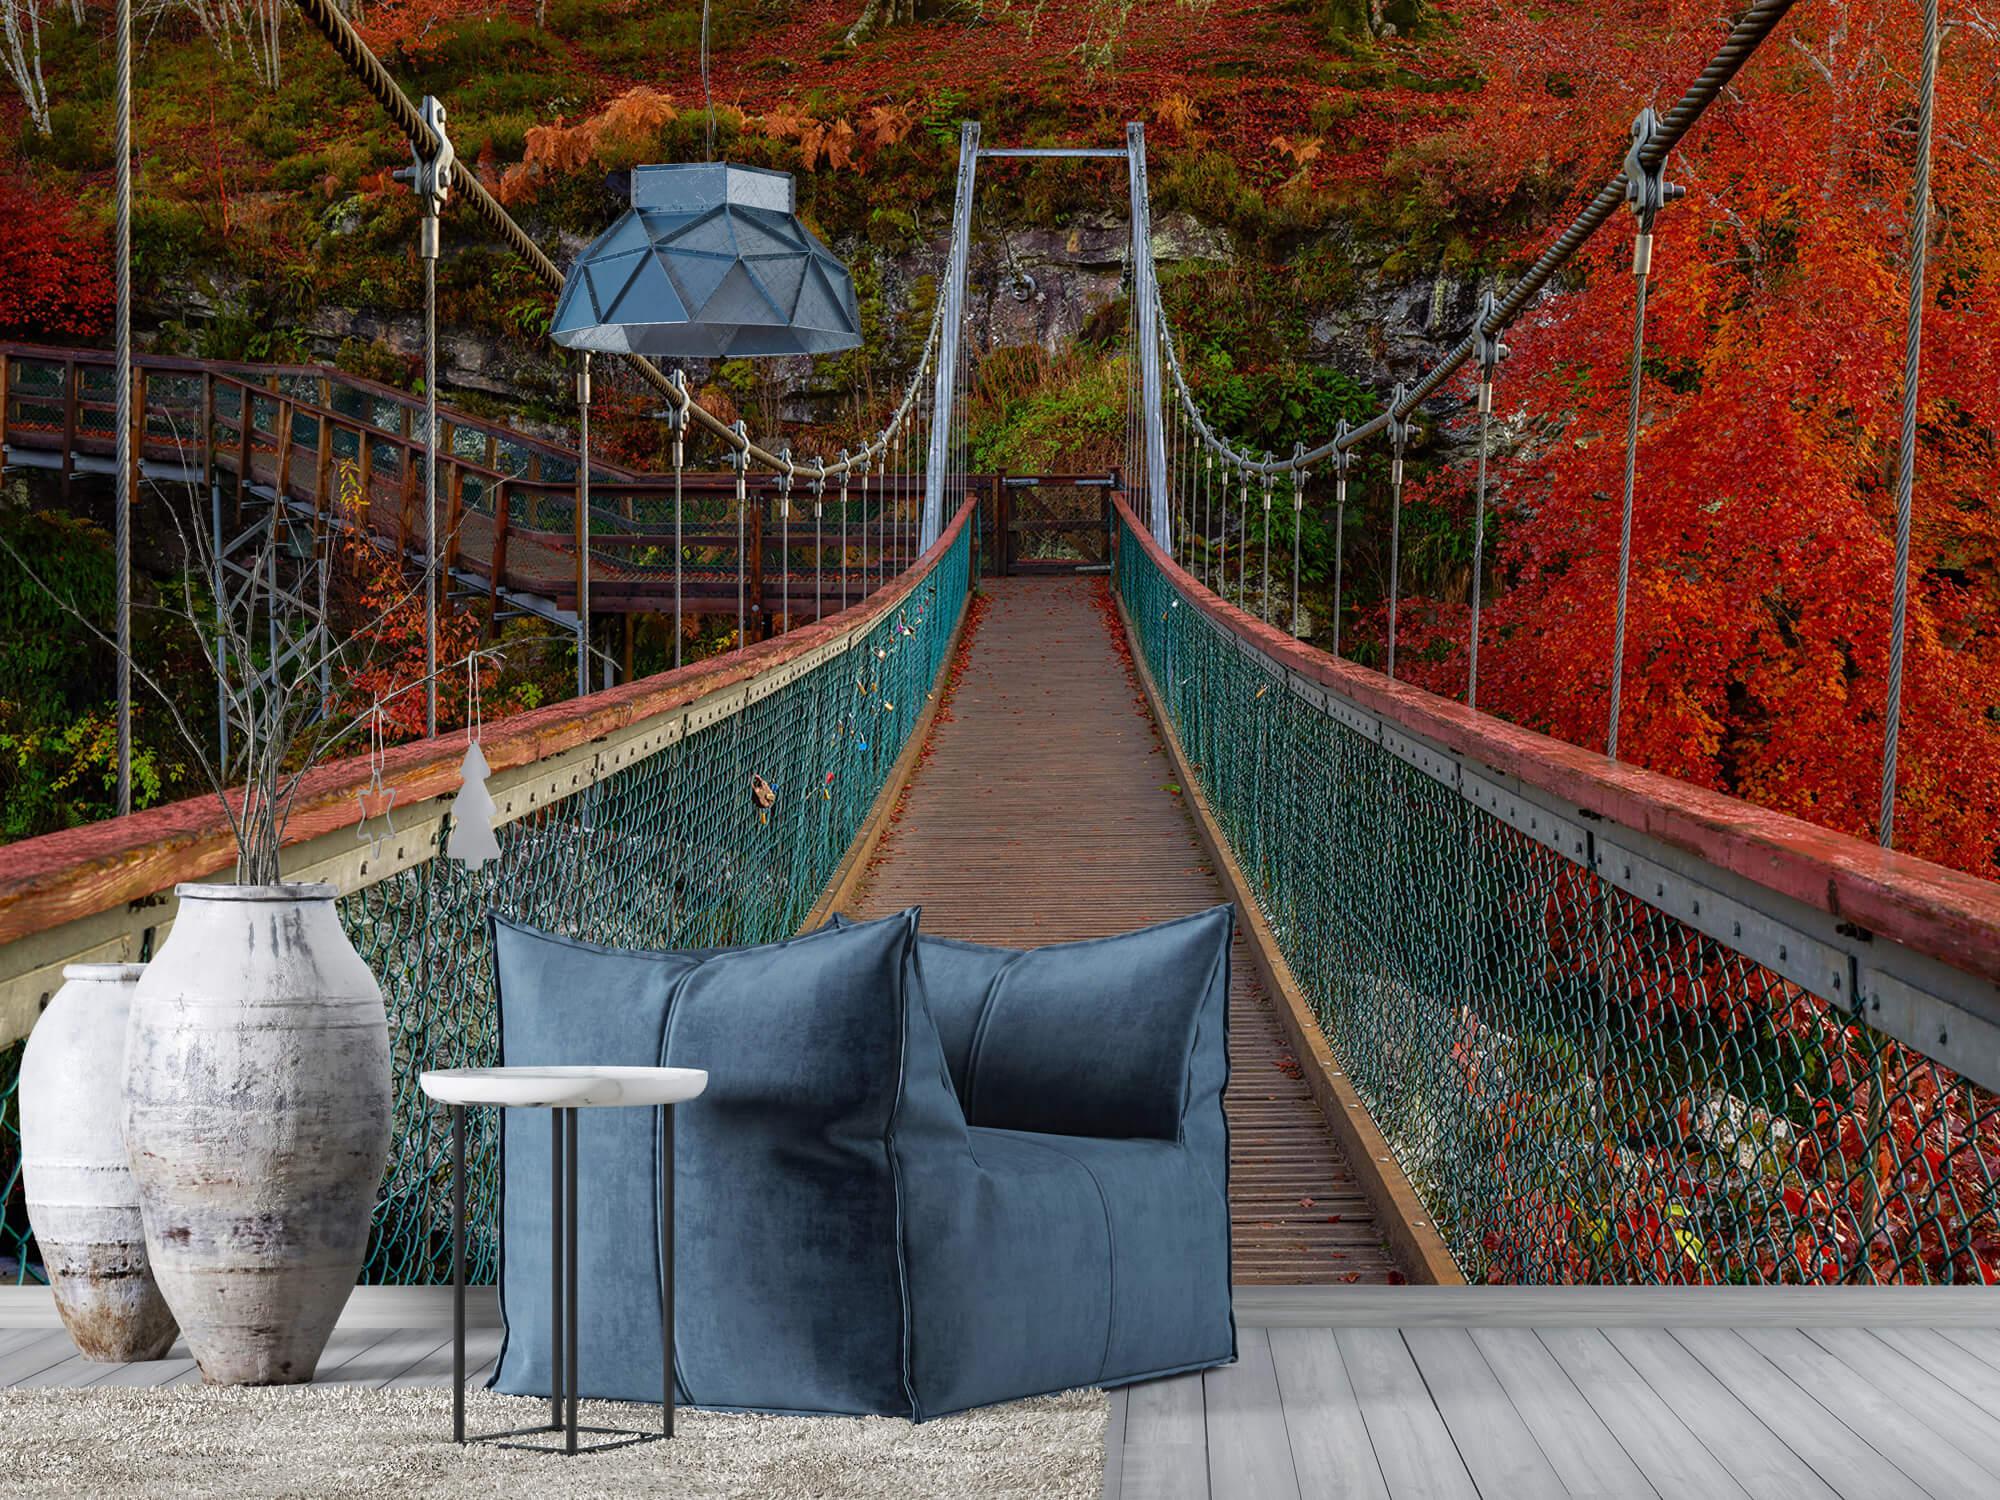 Herfst - Brug in herfstige omgeving - Slaapkamer 4